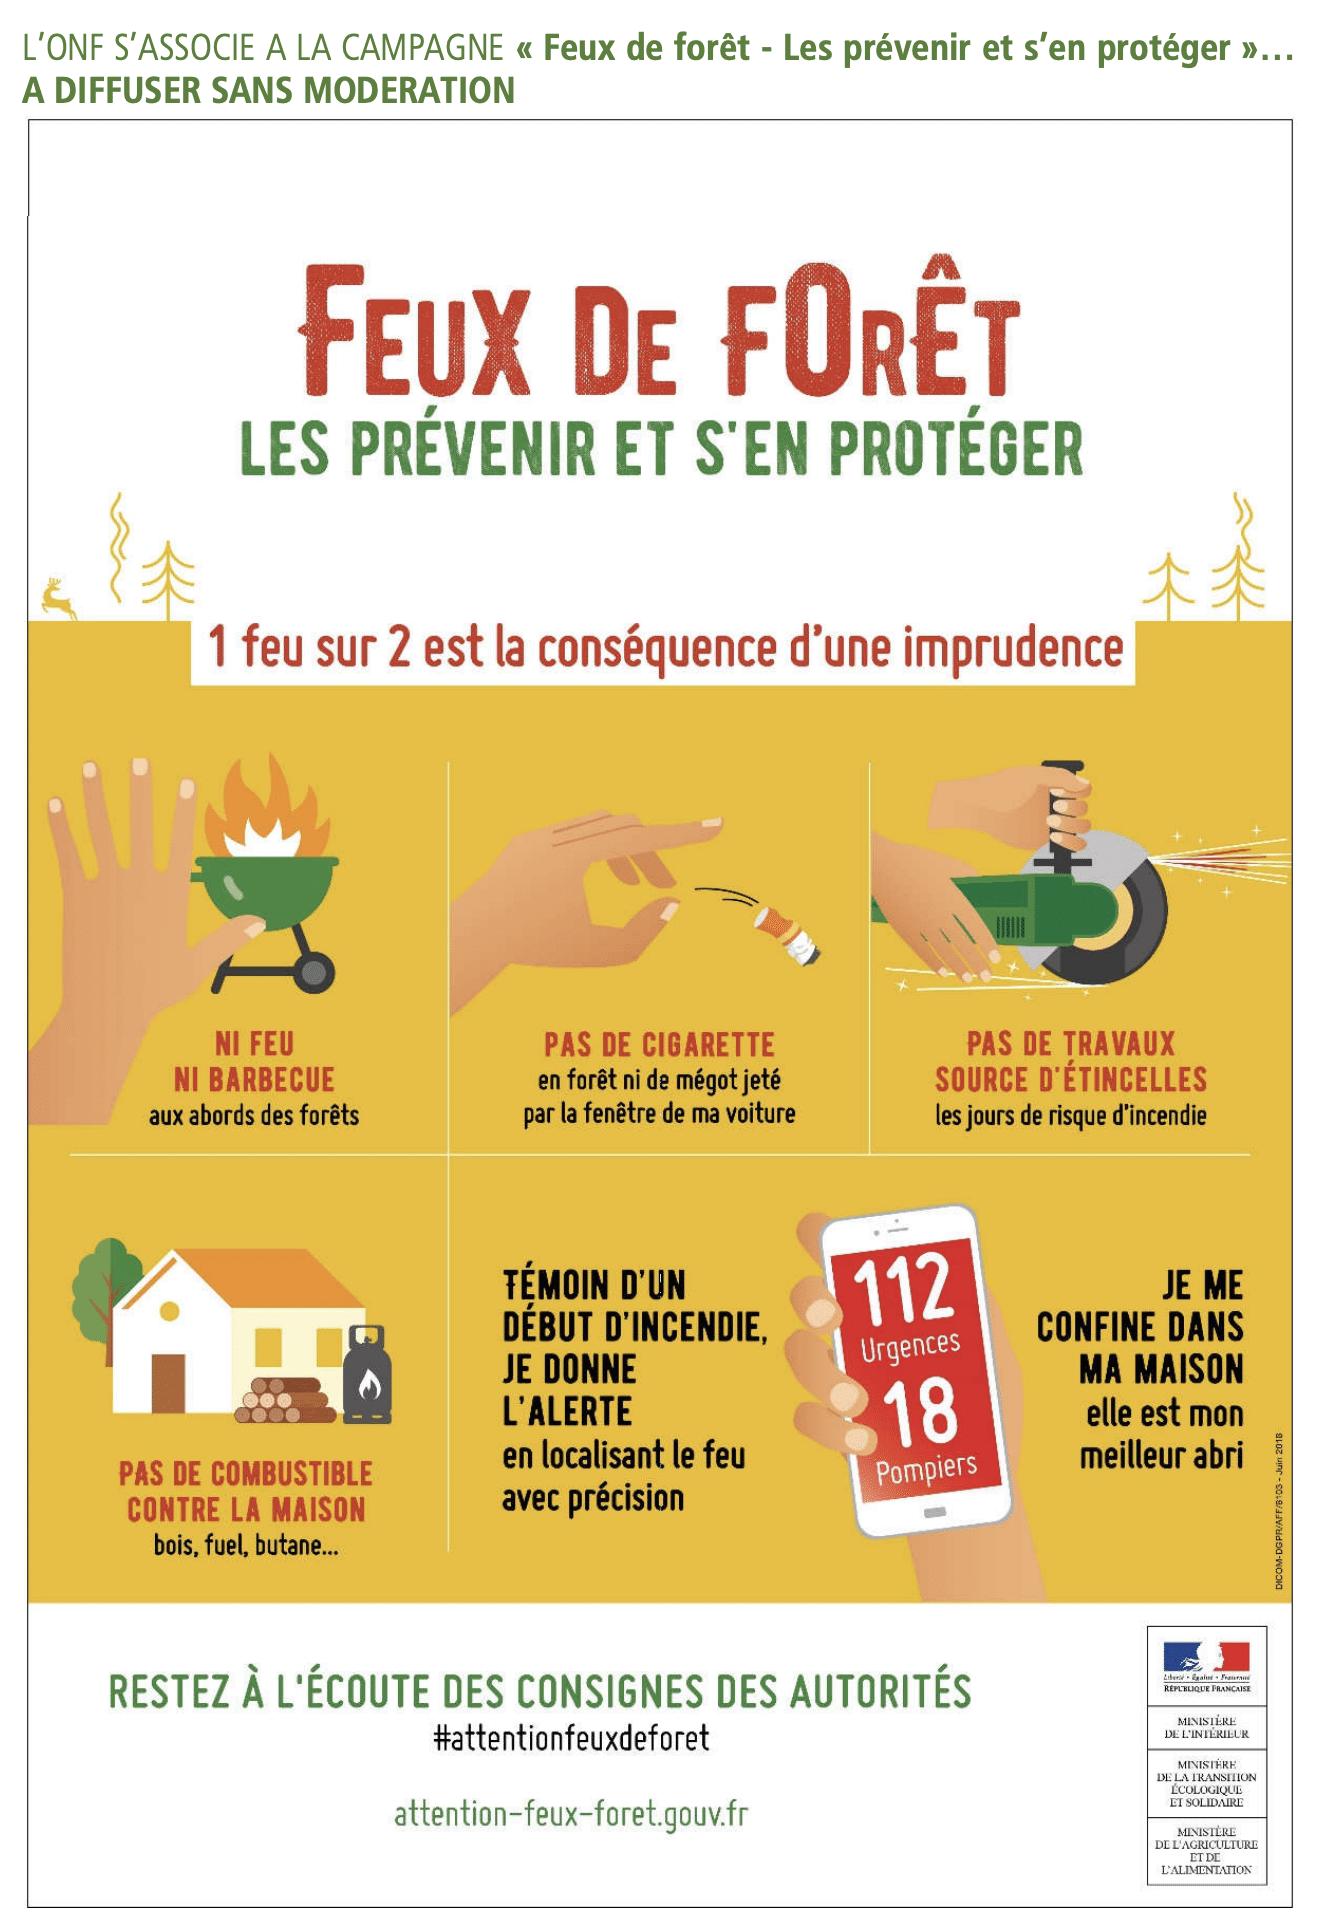 feux_foret